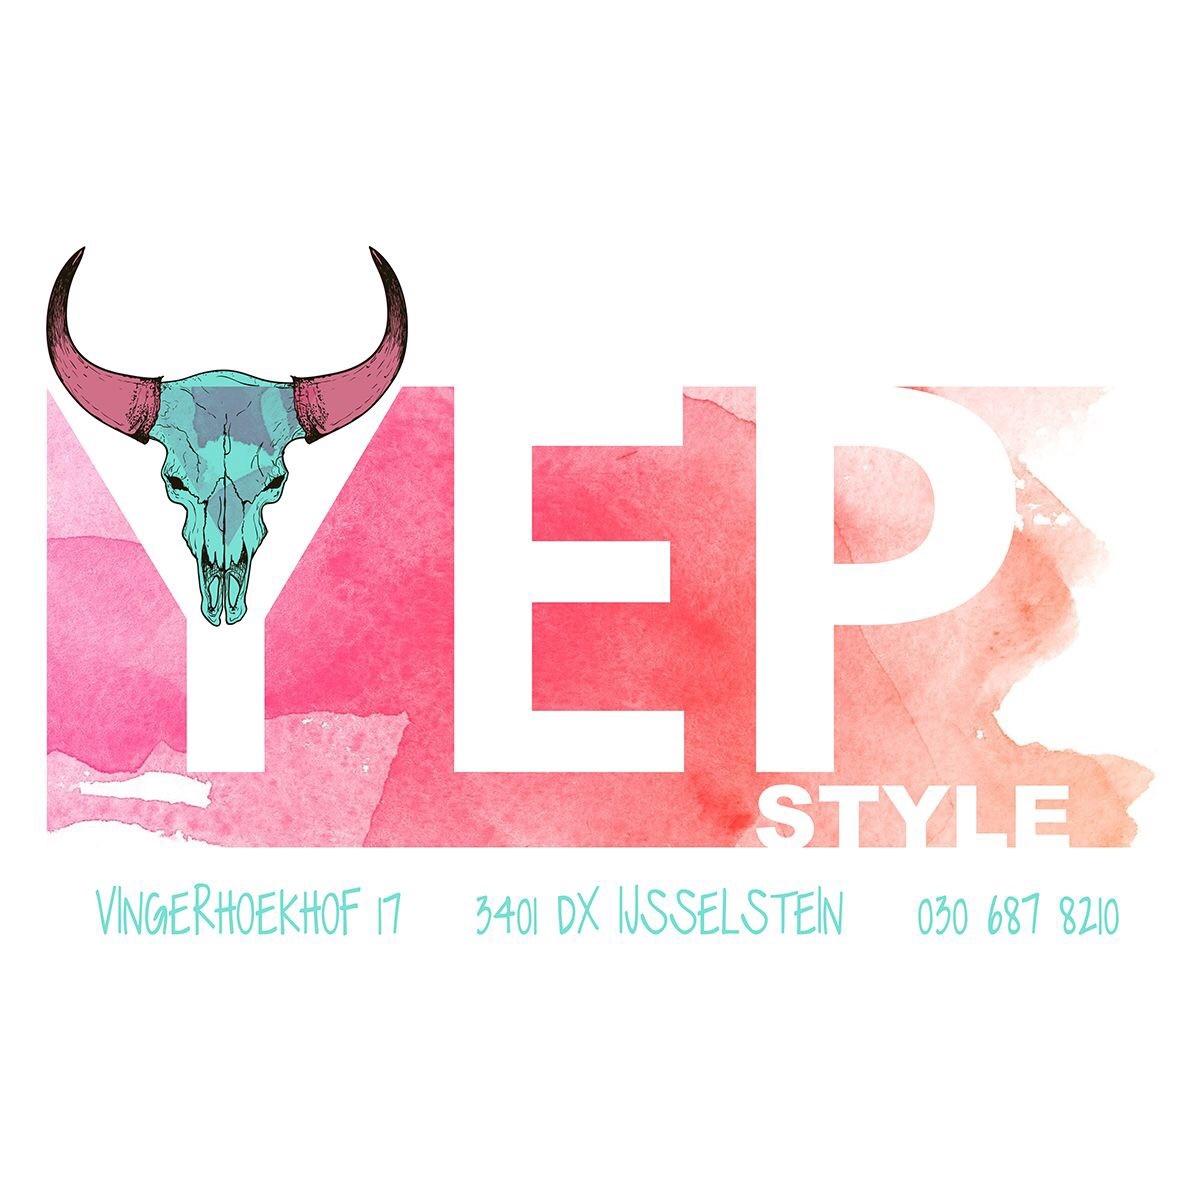 Kapper IJsselstein - Kapsalon Yep style